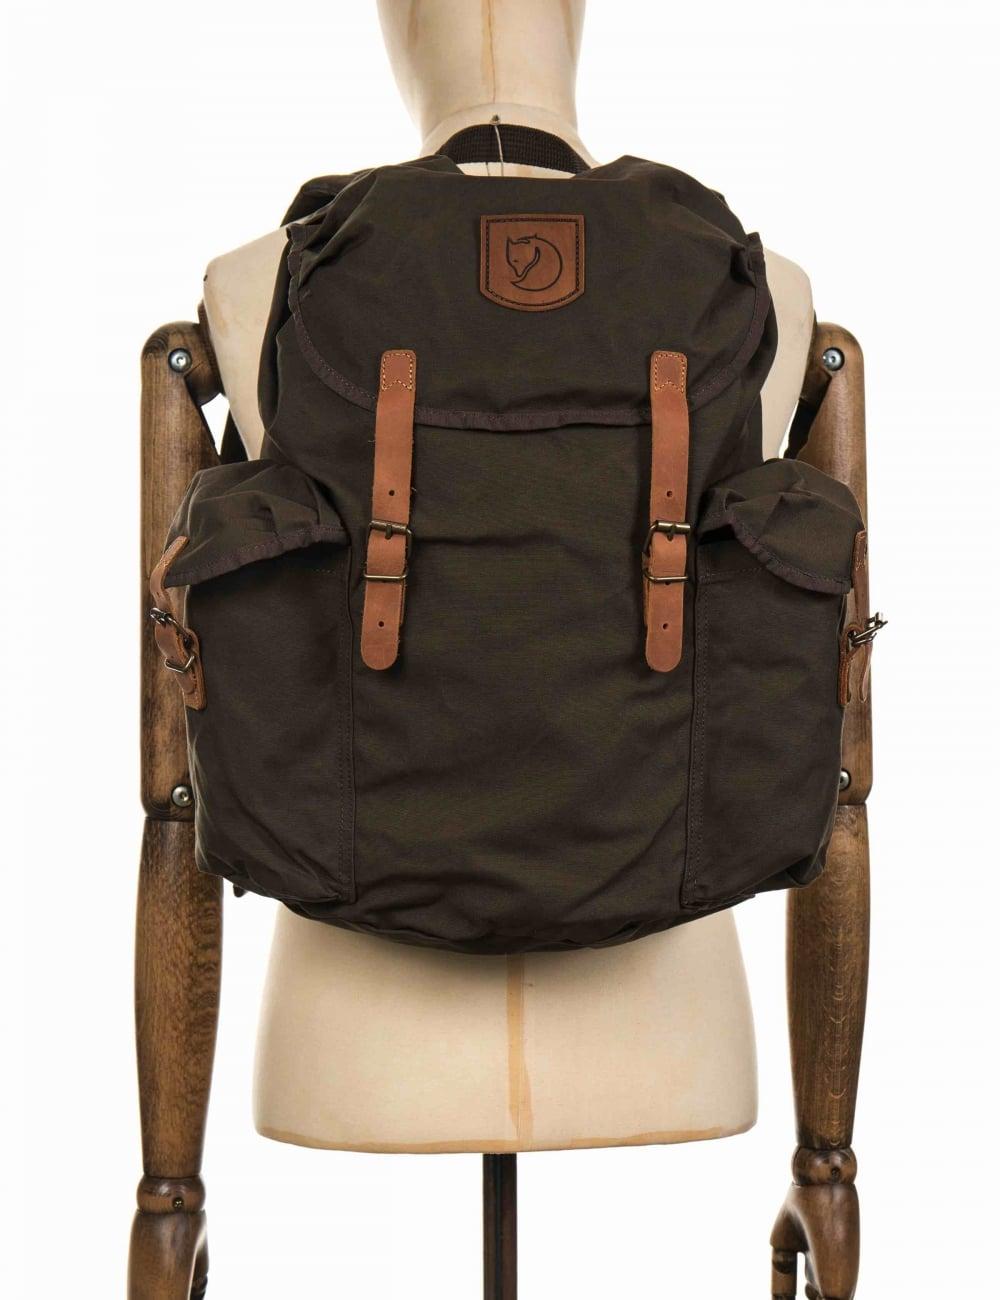 dd72f964f59 Fjallraven Ovik Backpack 20L - Dark Olive - Accessories from Fat ...